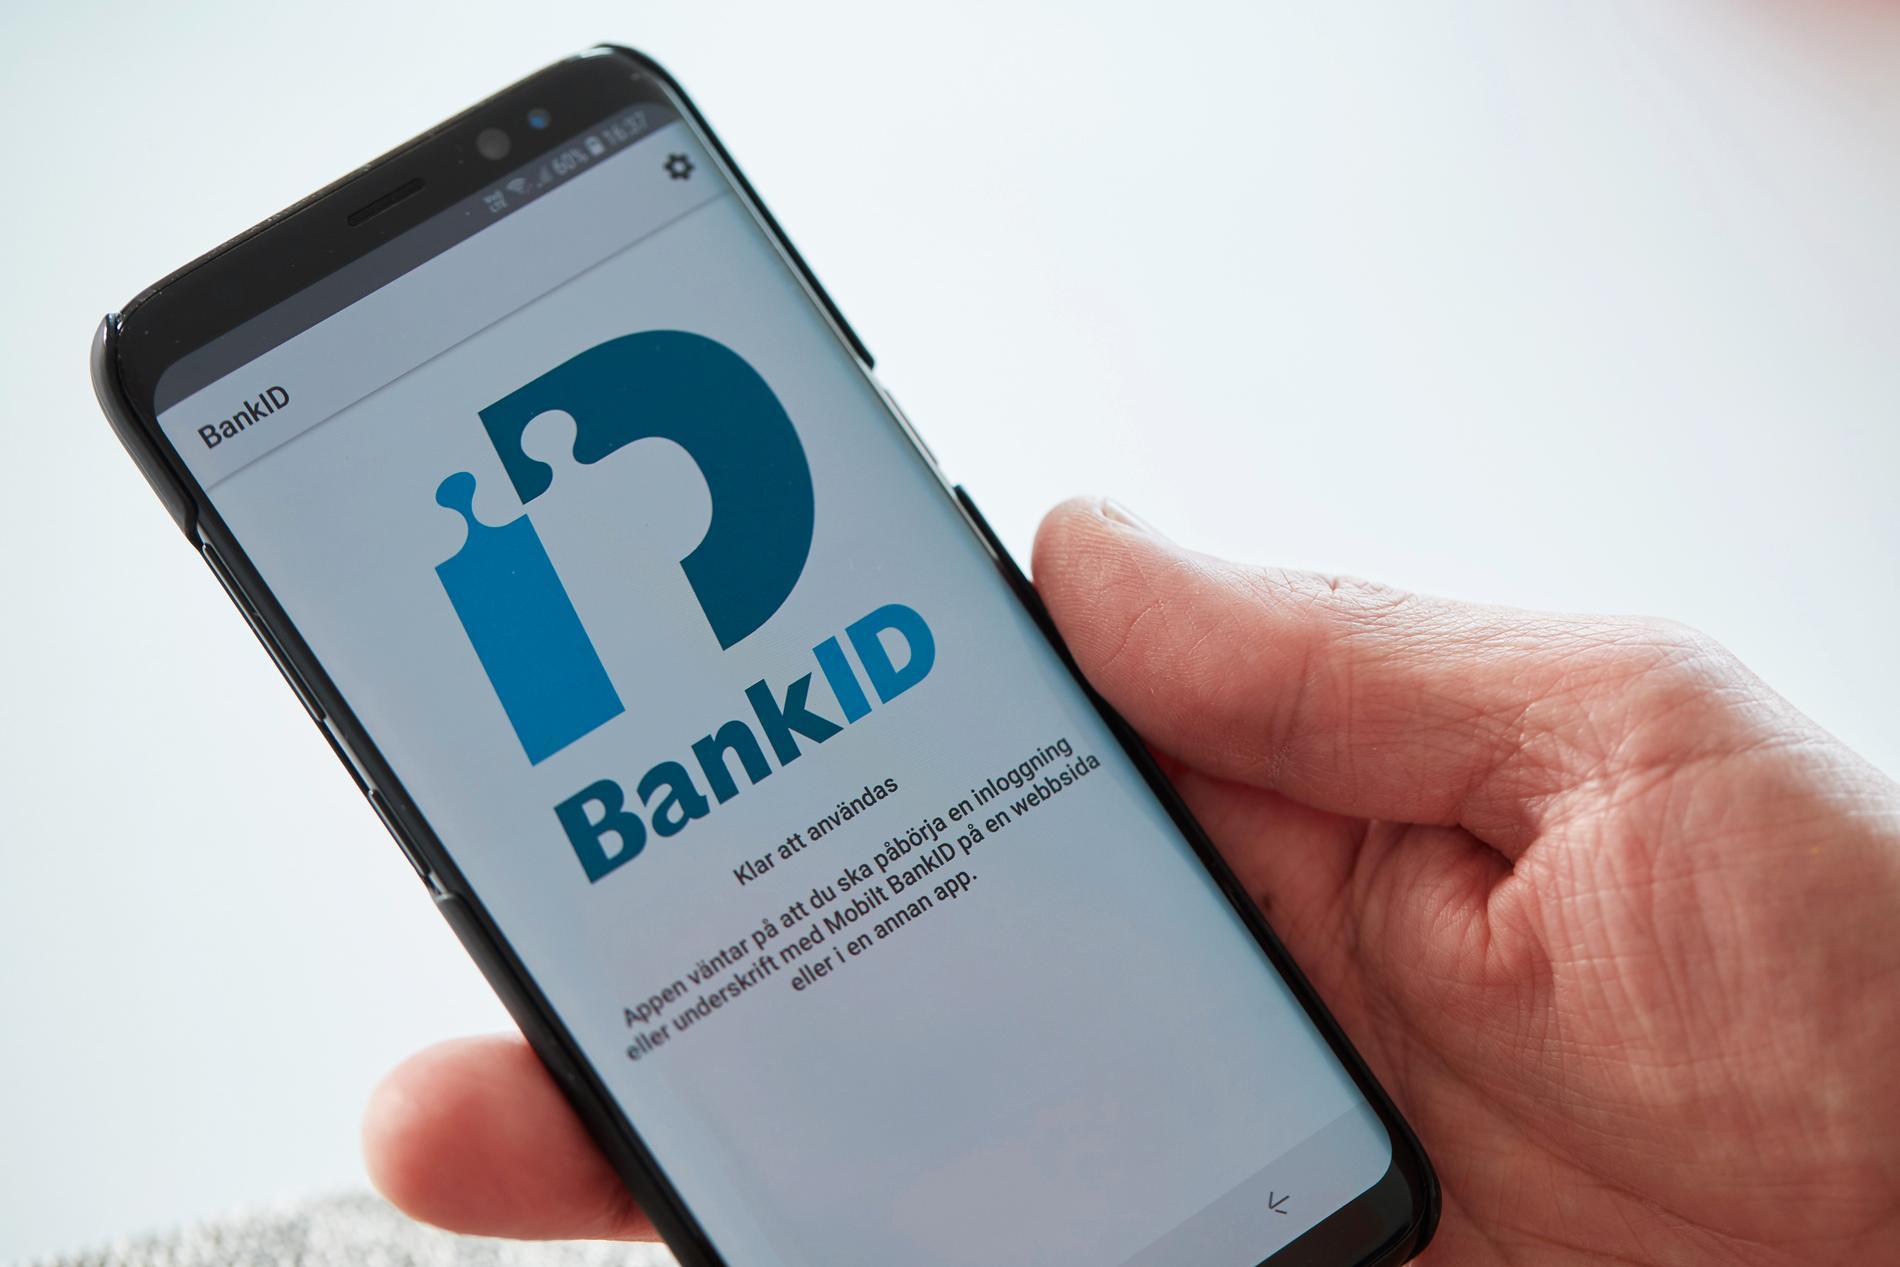 Bank-id-bedragare har lyckats tömma flera personers sparkonton på pengar.